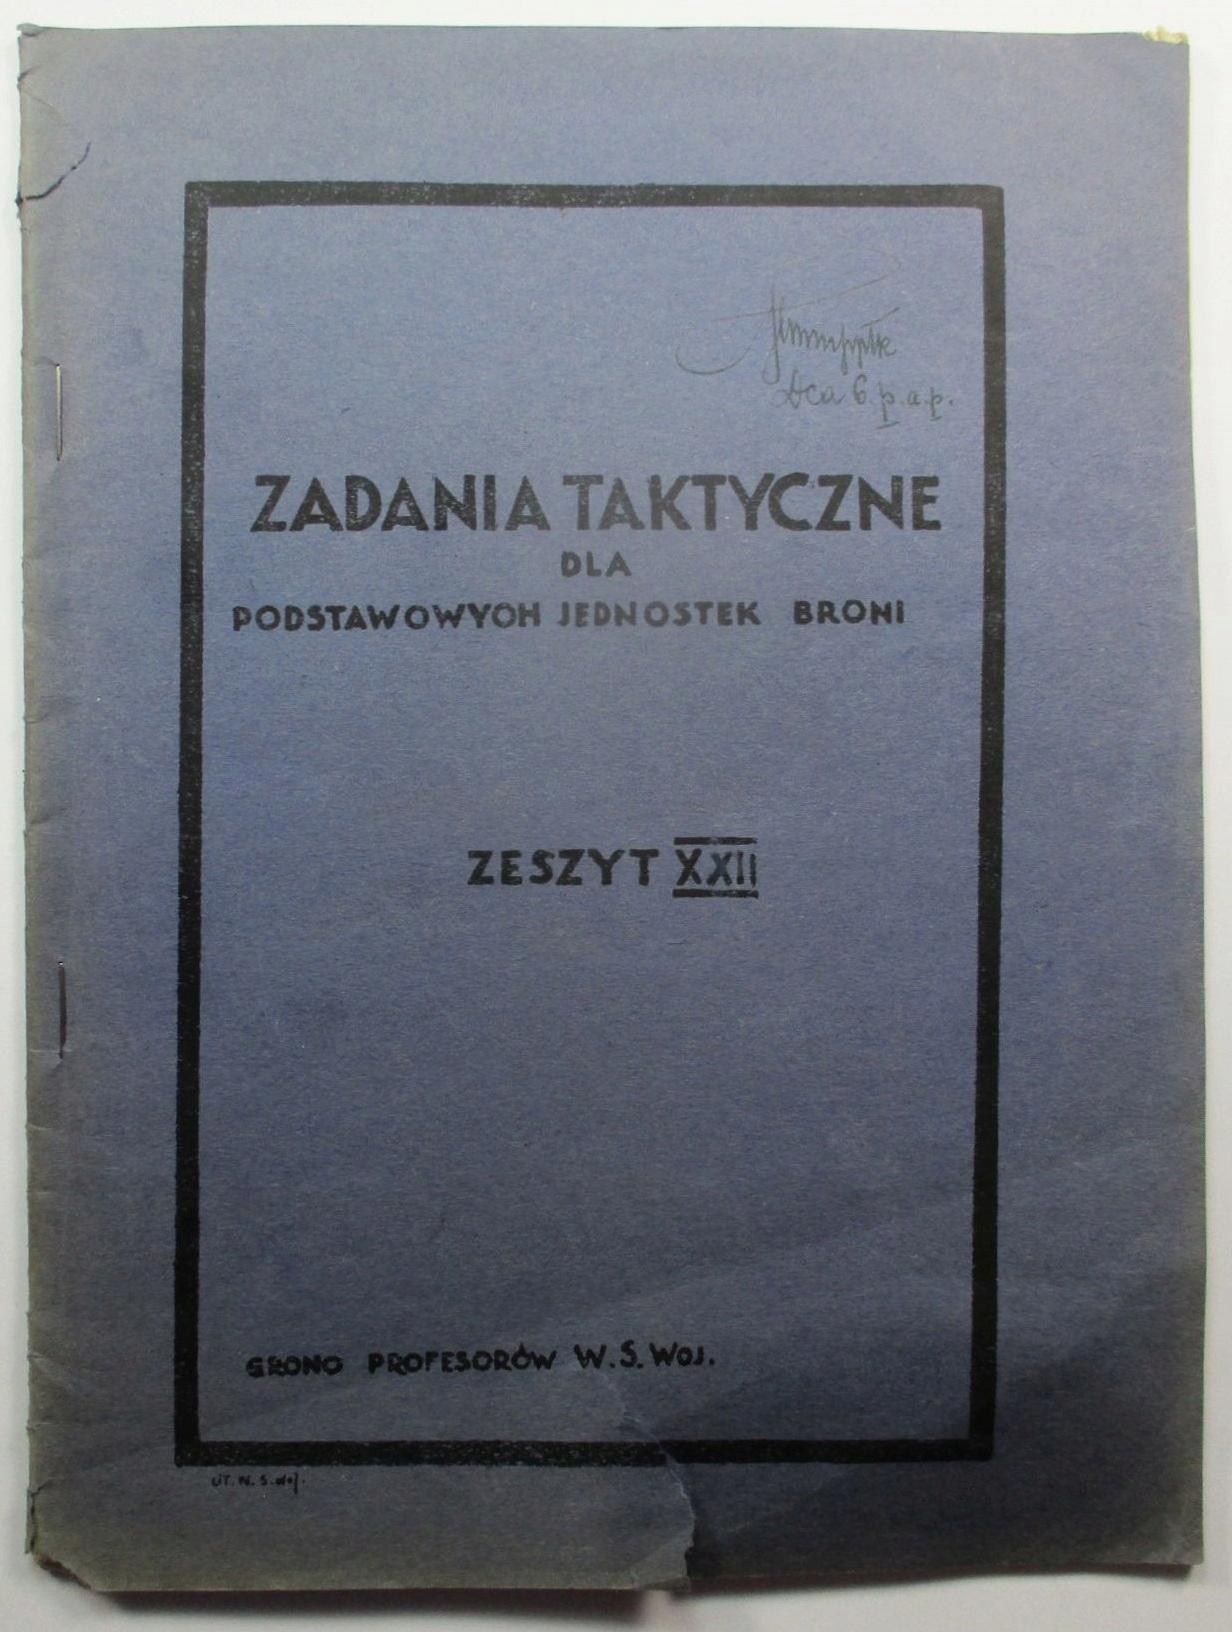 Zadania taktyczne, autograf ppłk Geniusz 1931 MAPA